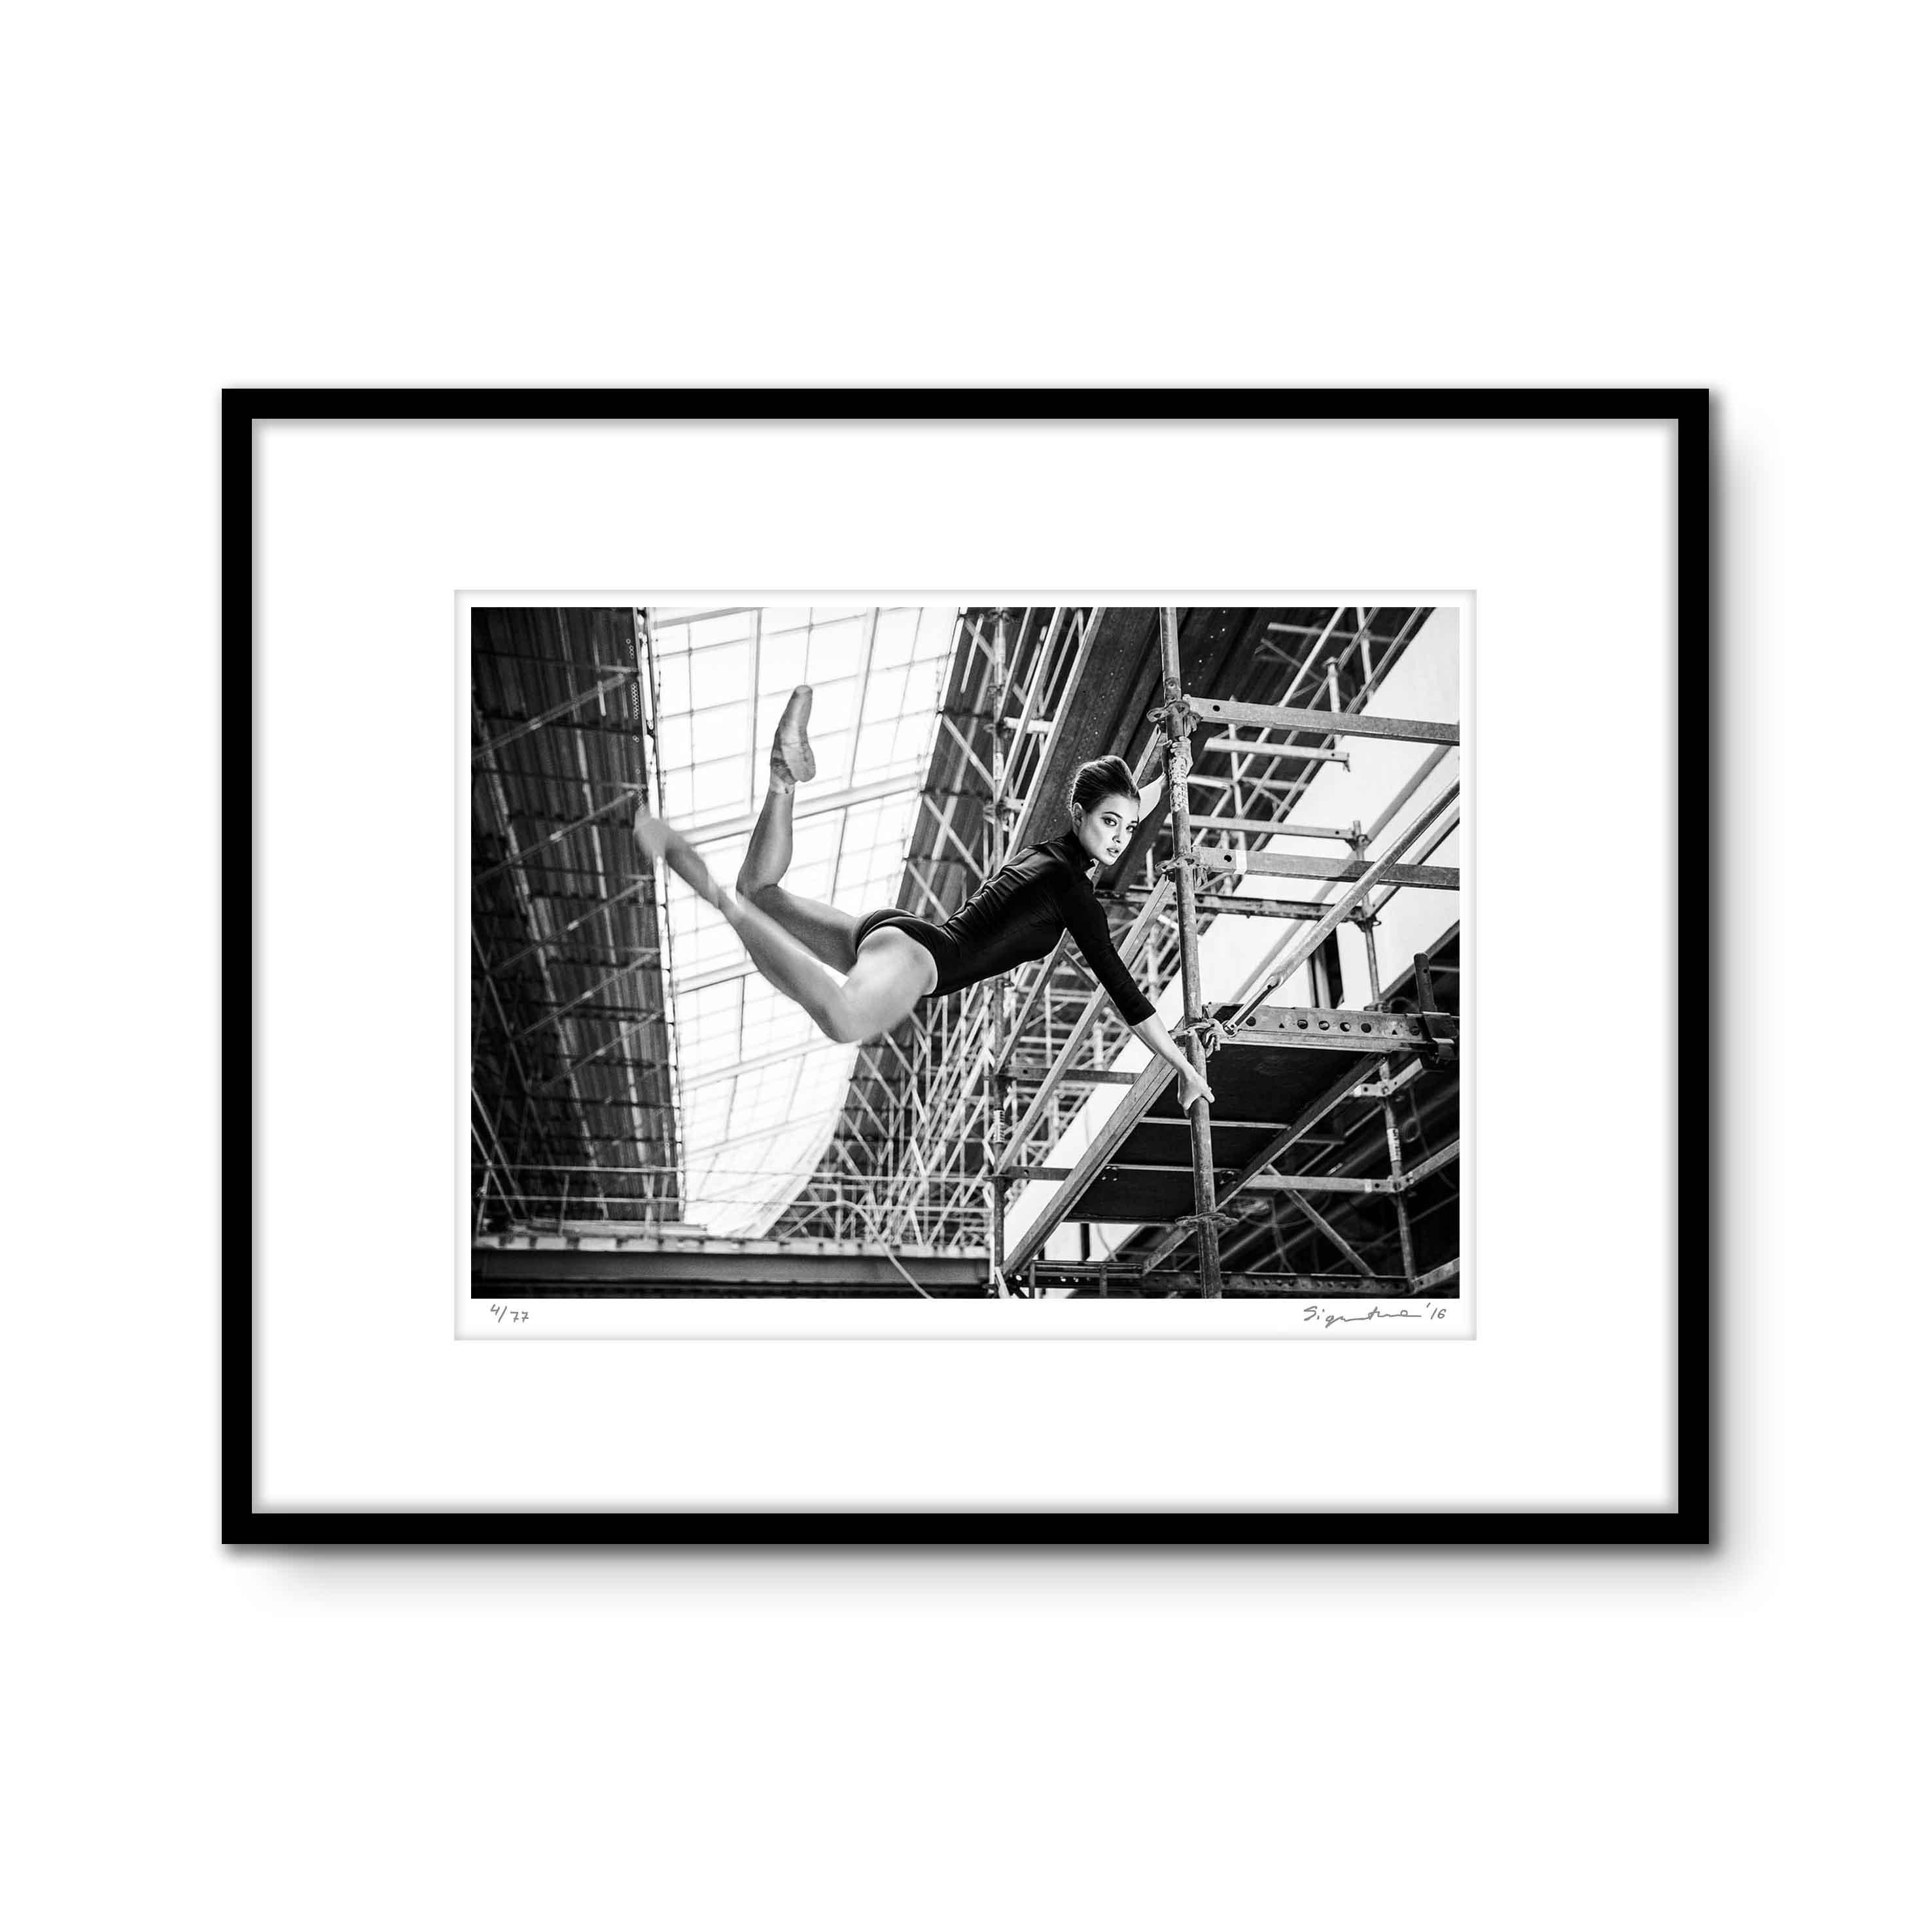 Szymon Brodziak rozpoznawany jest poprzez czarno-białe zdjęcie. Fotografia artystyczna Szymona dostępna jest przez sklep internetowy. Dekoracja wnętrz tego rodzaju pozwala znacznie zwiększyć poziom estetyczny mieszkania lub domu. Szymon Brodziak created serie, black and white photography called Ballerinas. Szymon Brodziak's art photography is available in the Online Shop.This type of interior decoration significantly raises the visual standard of the interior design and makes it full of fine art.